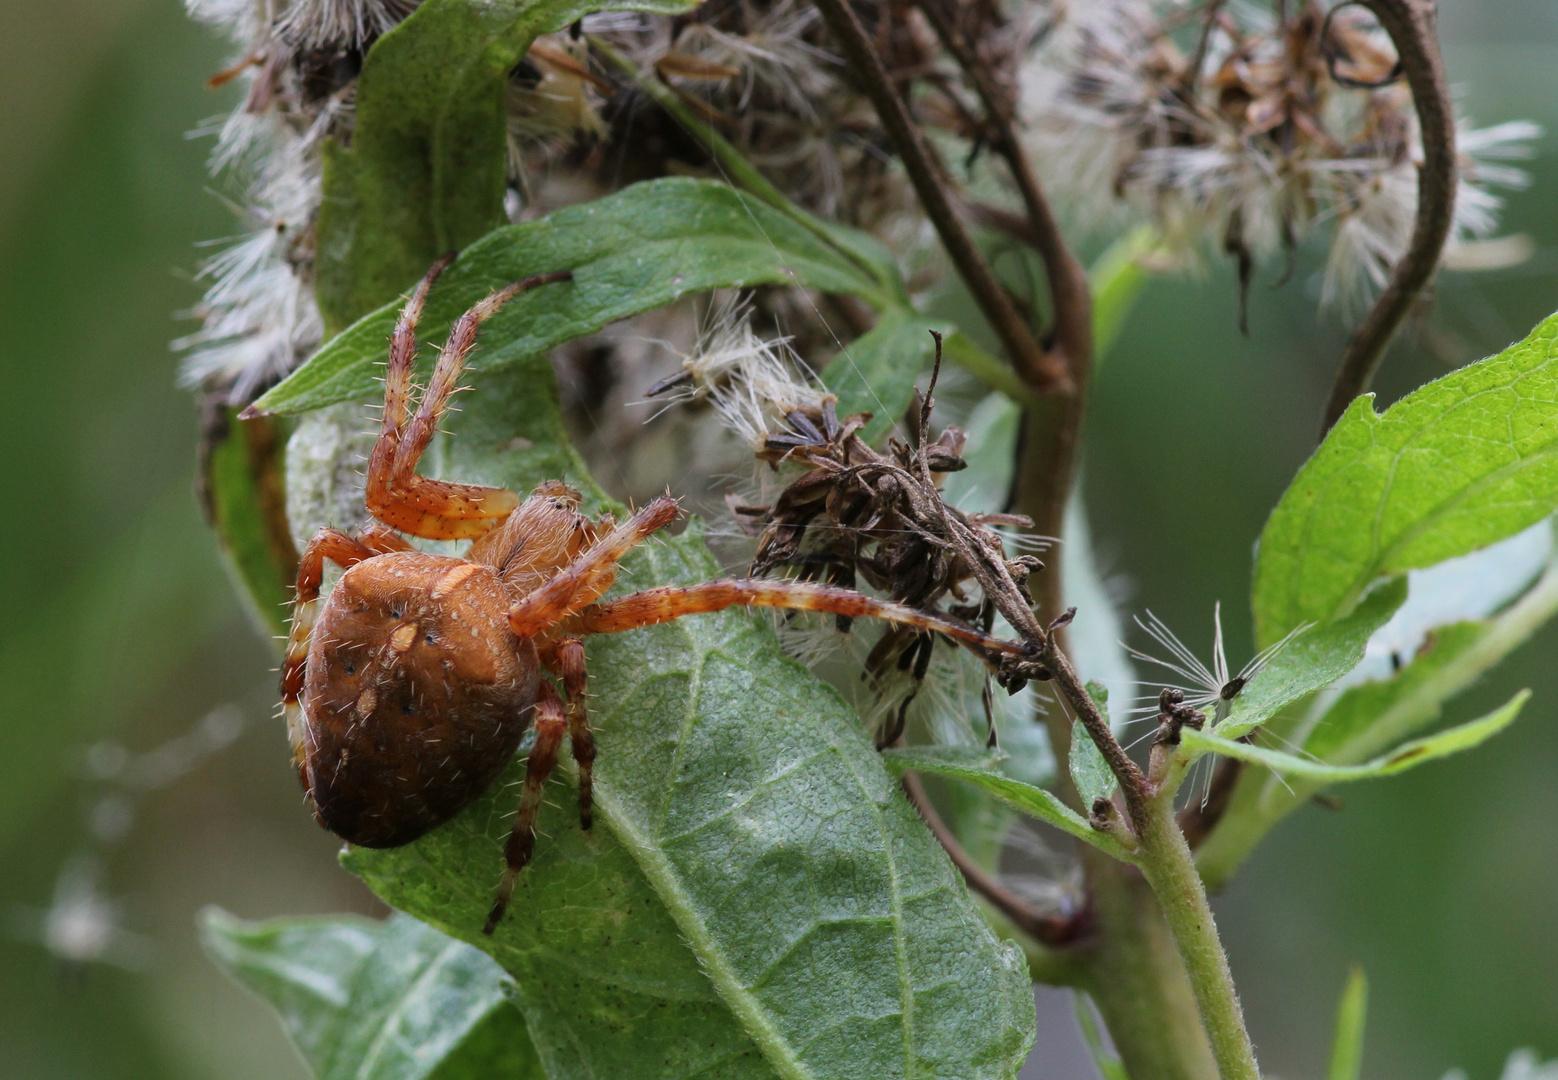 Es gibt viele Kreuzspinnen Arten